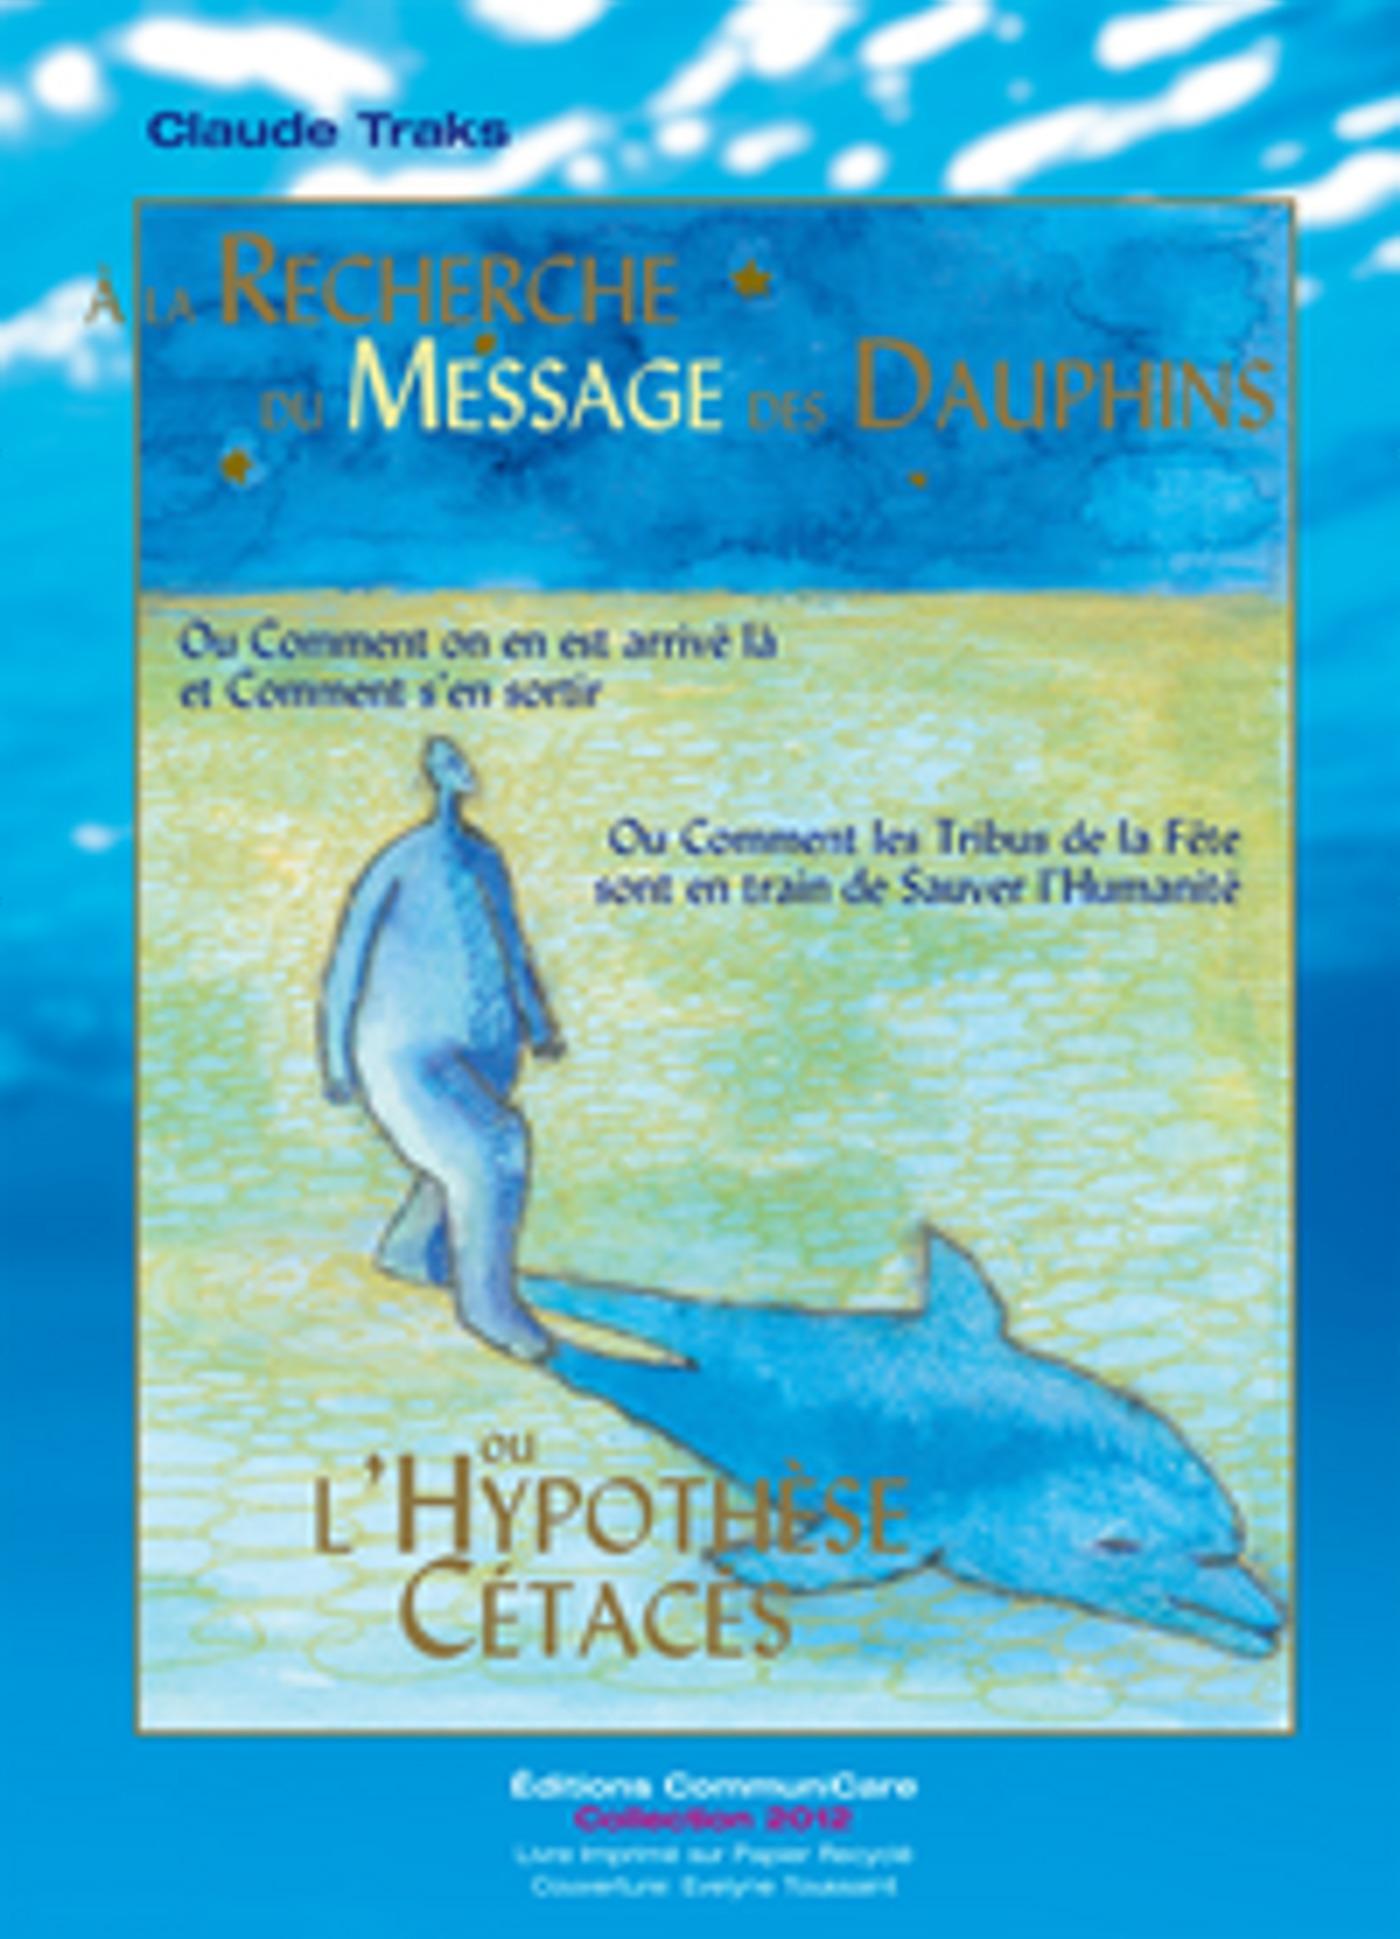 Claude Traks A la Recherche du Message des Dauphins